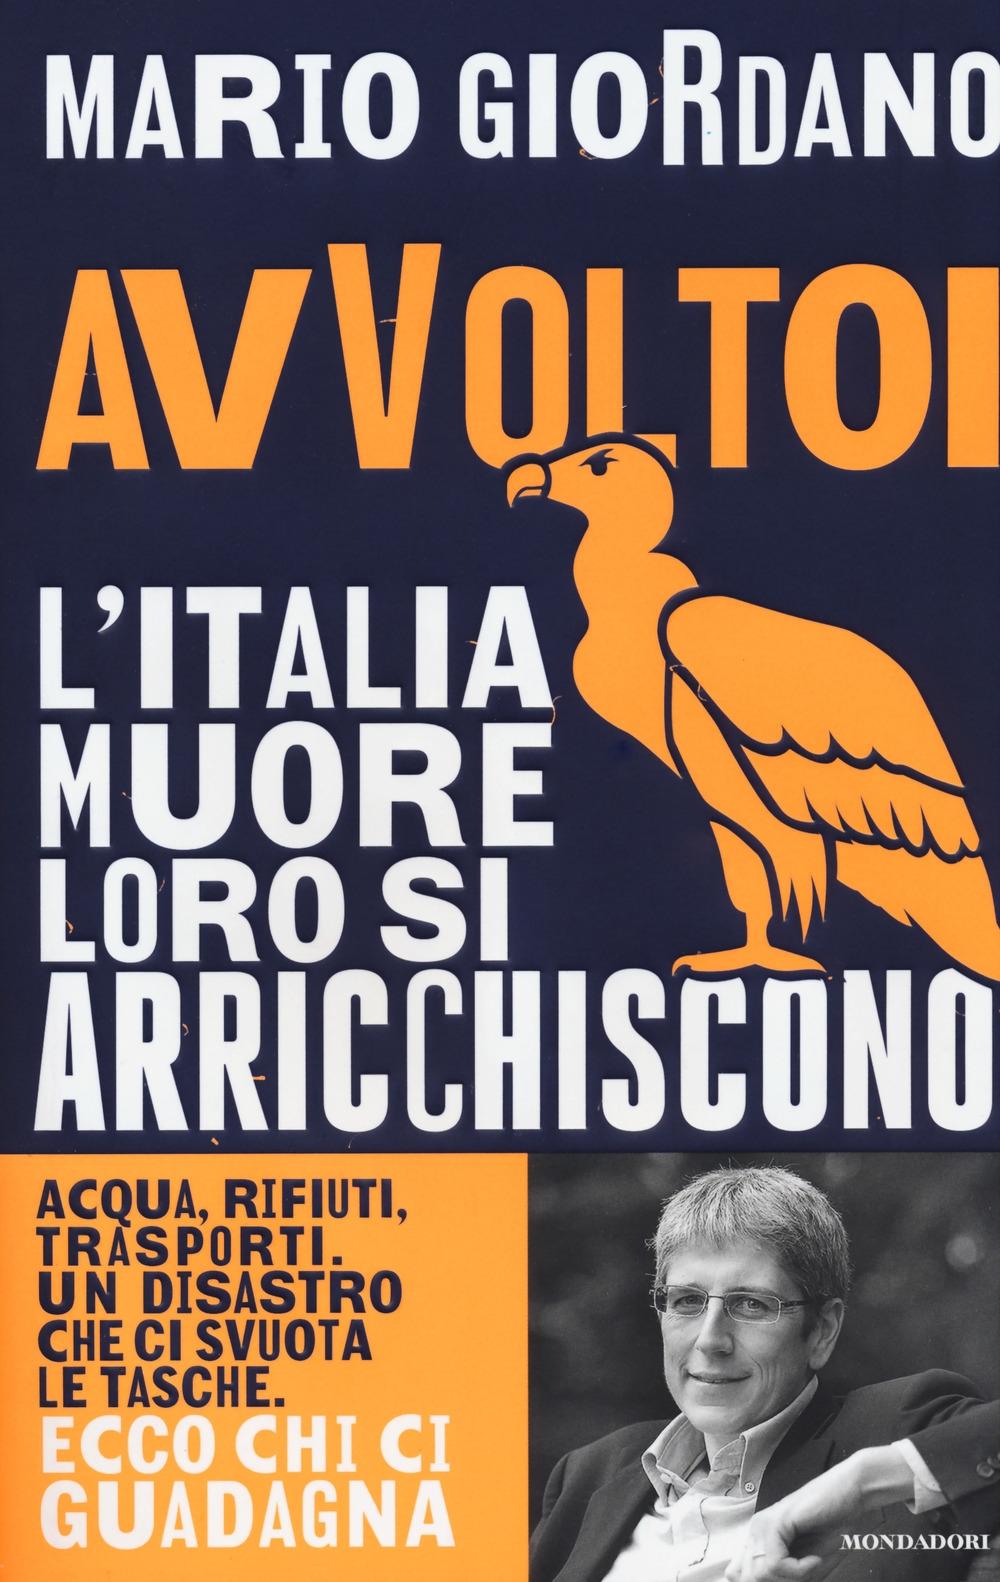 Avvoltoi. L'Italia muore loro si arricchiscono. Acqua, rifiuti, trasporti. Un disastro che ci svuota le tasche. Ecco chi ci guadagna